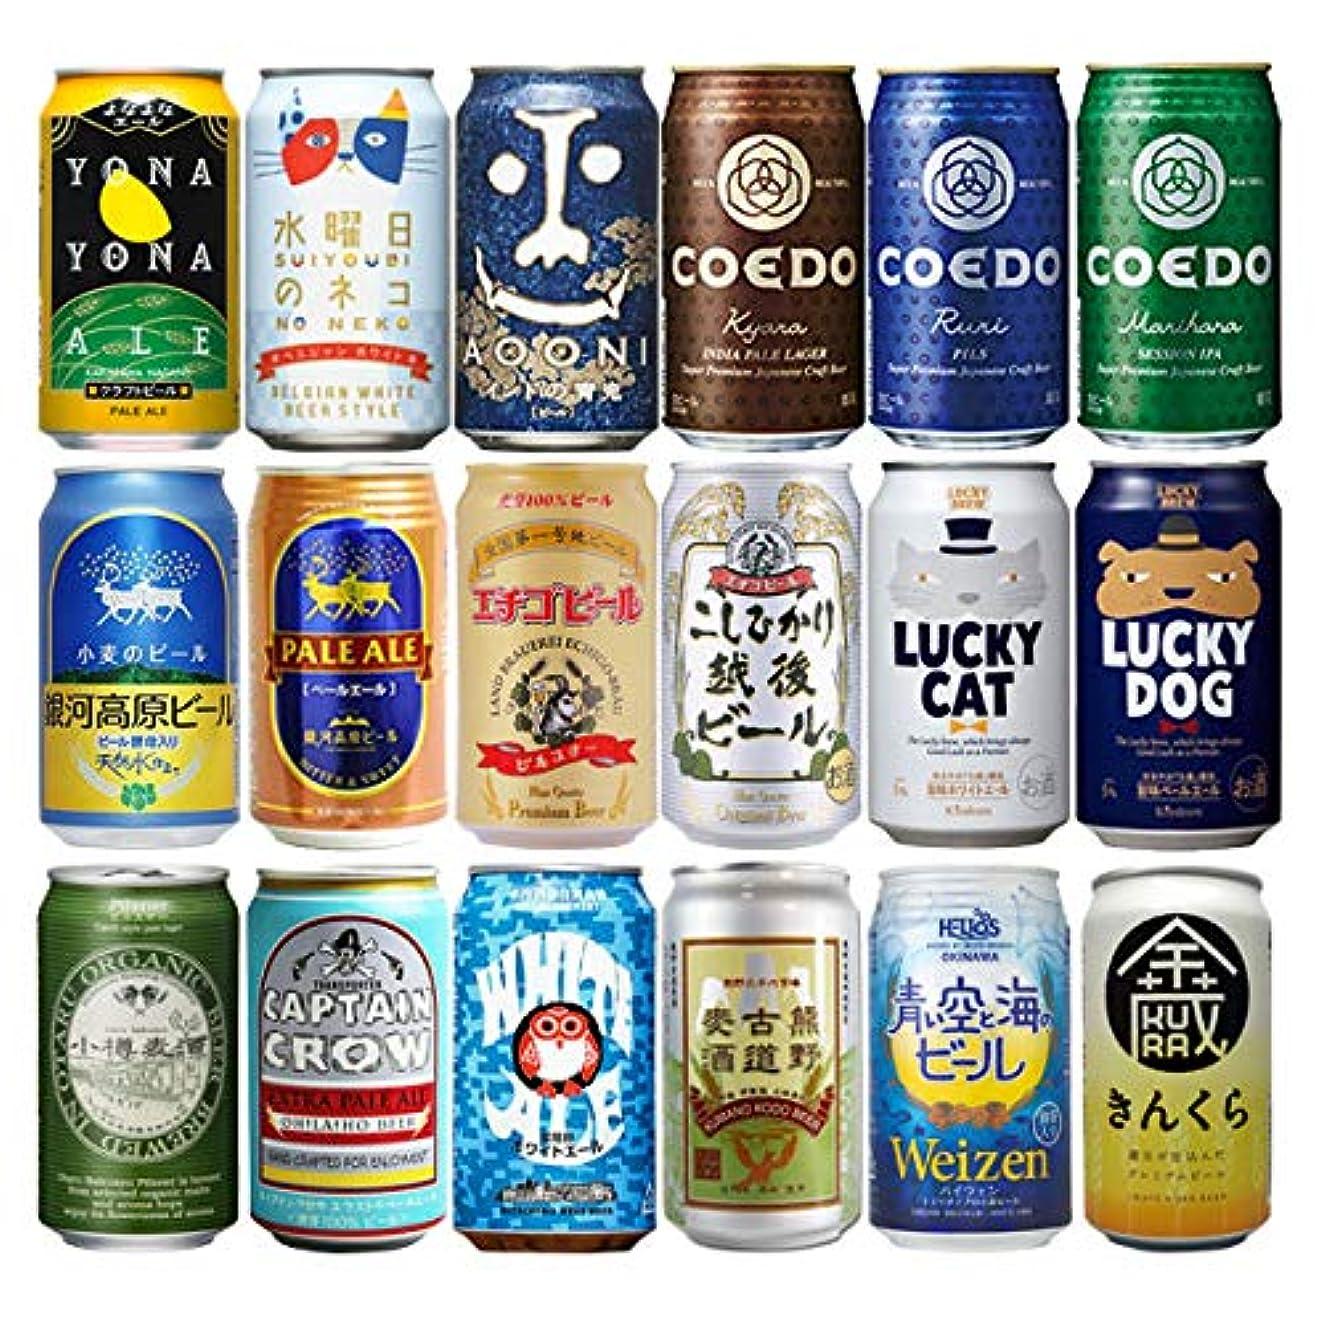 コンテンツイースターラグクラフトビール 飲み比べ 18本 逸酒創伝 オリジナルギフト